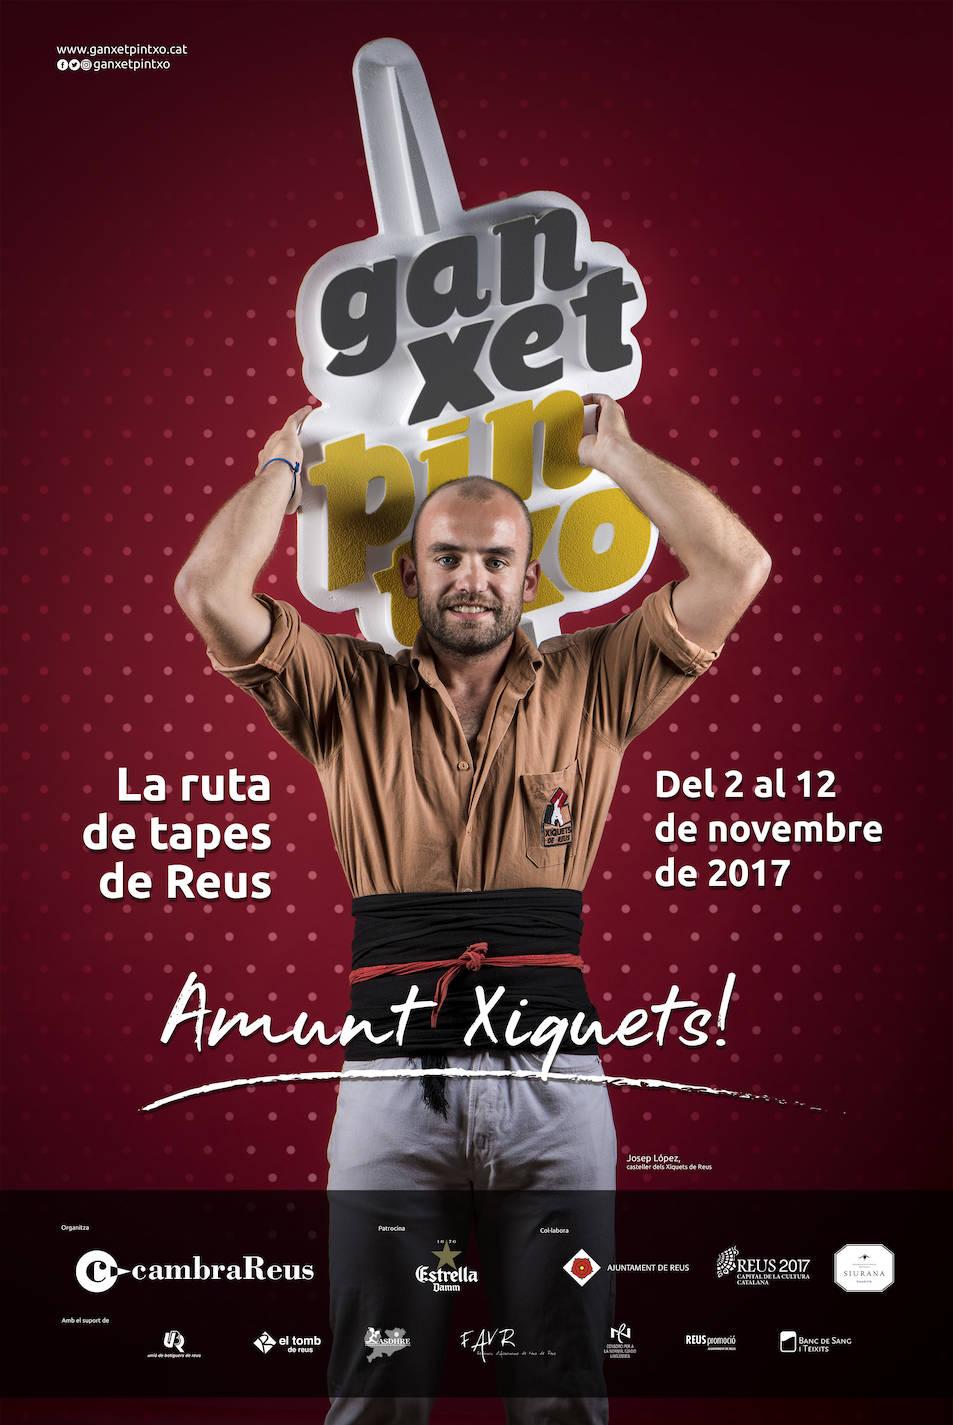 Josep López, és la imatge del cartell promocional.